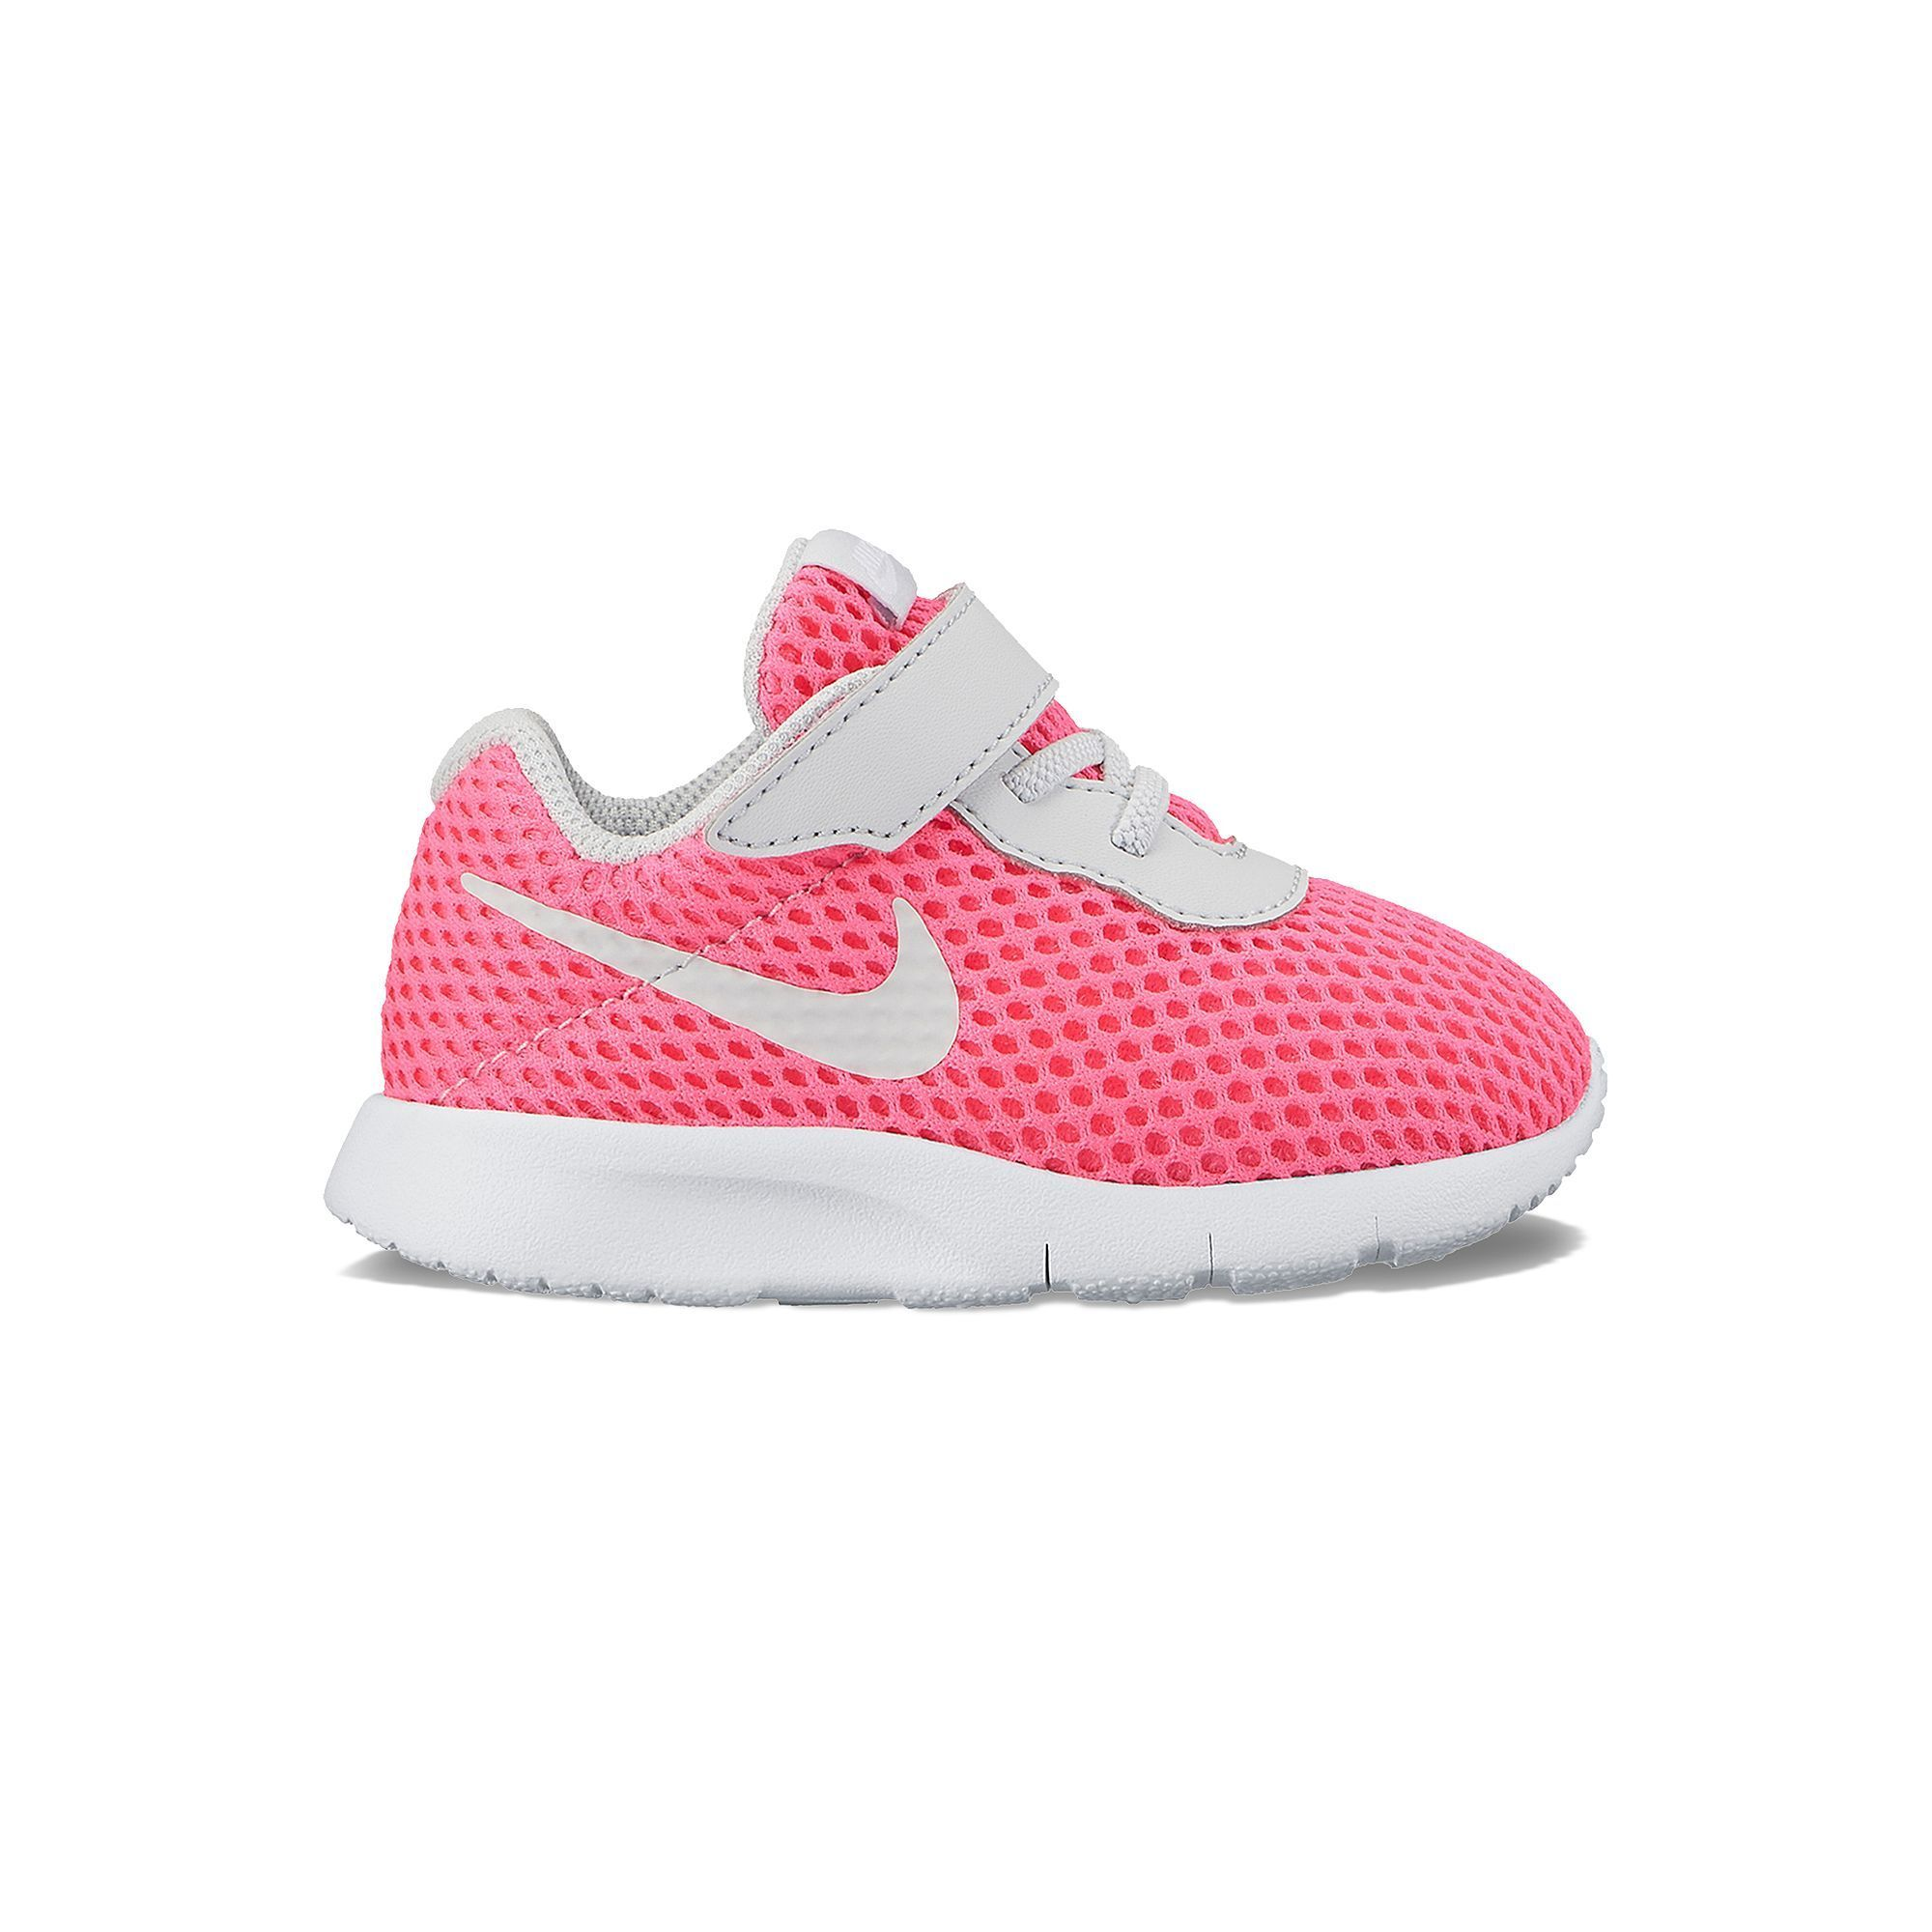 Nike Tanjun Breathe Toddler Girls' Shoes, Girl's, Size: 10 T, Red